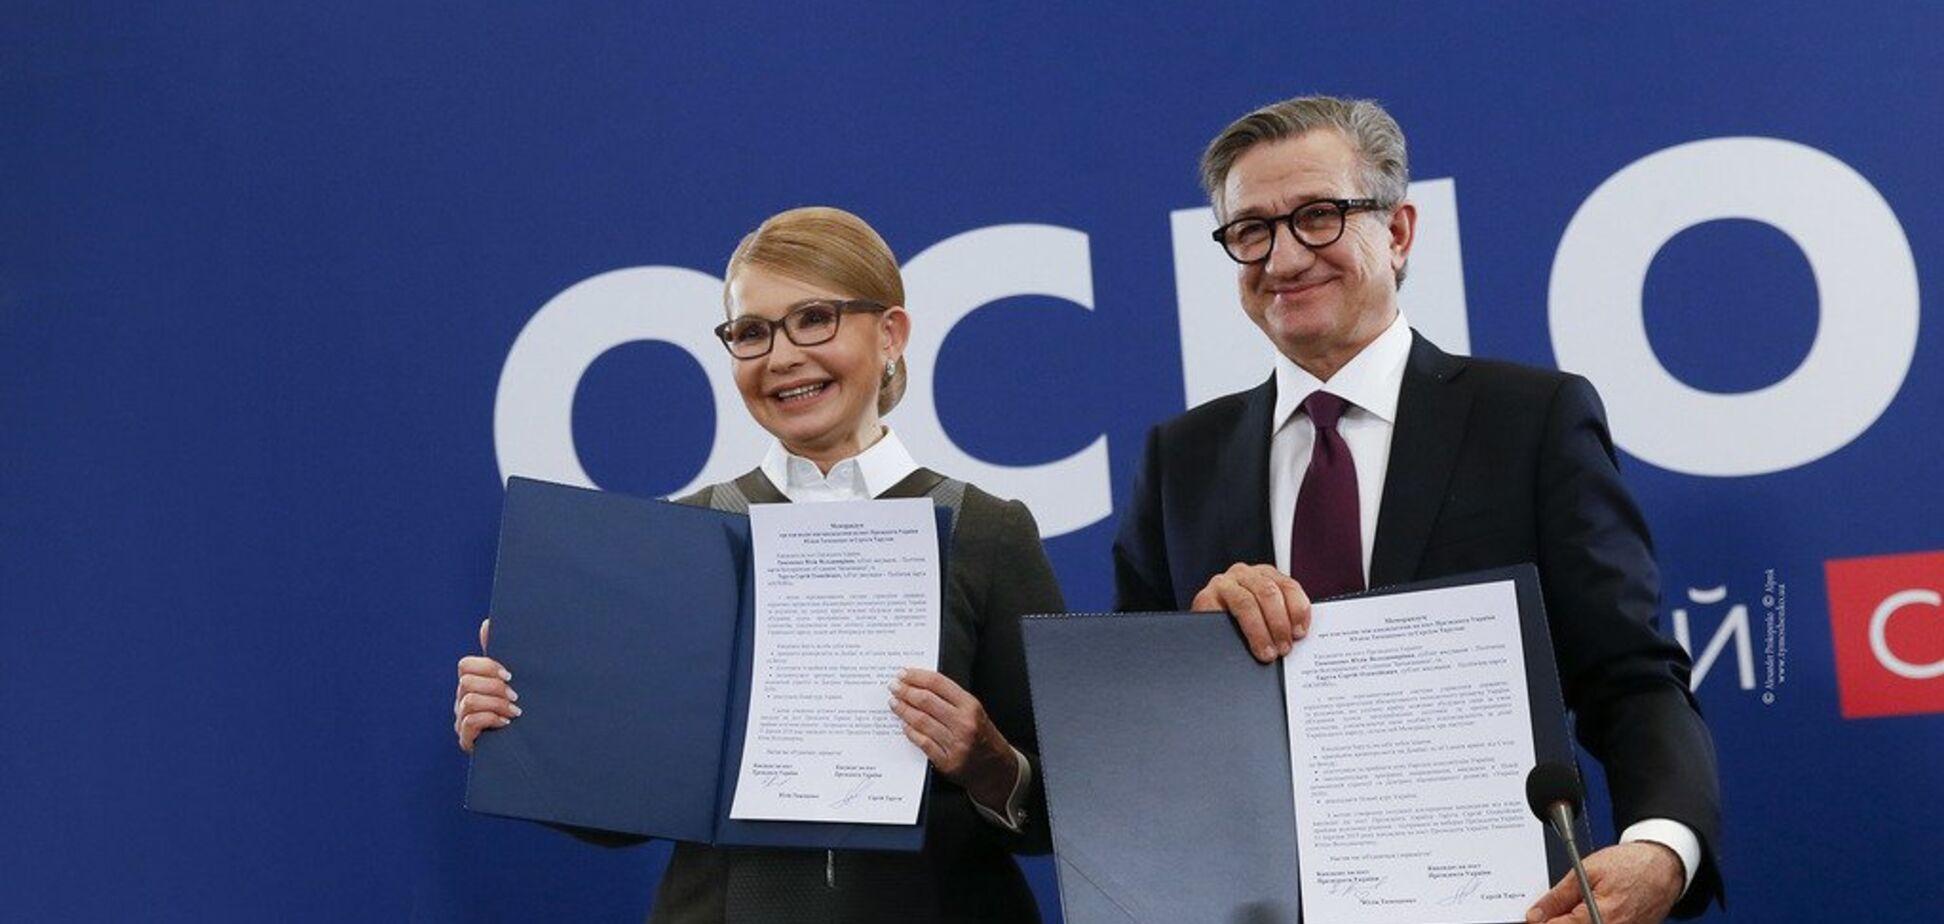 Тарута підтримав Тимошенко – кандидати підписали Меморандум